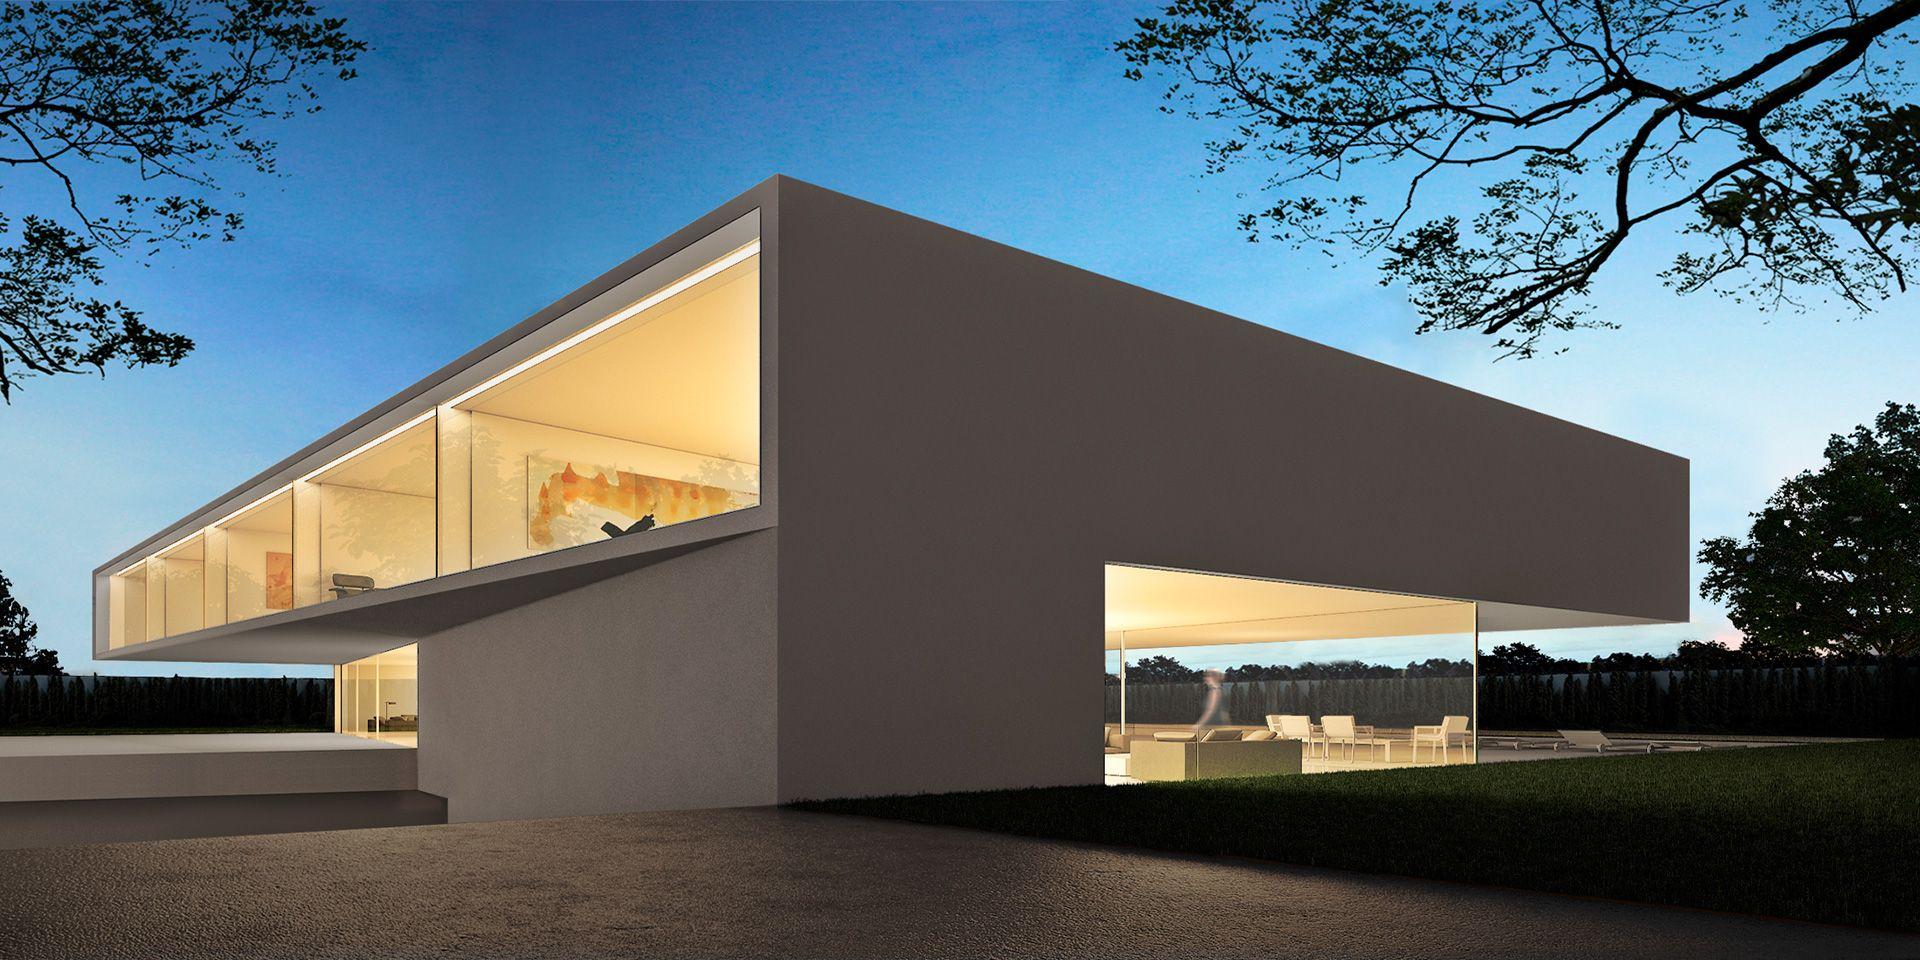 Mdj fran silvestre arquitectos valencia 002 houses - Arquitectos en valencia ...